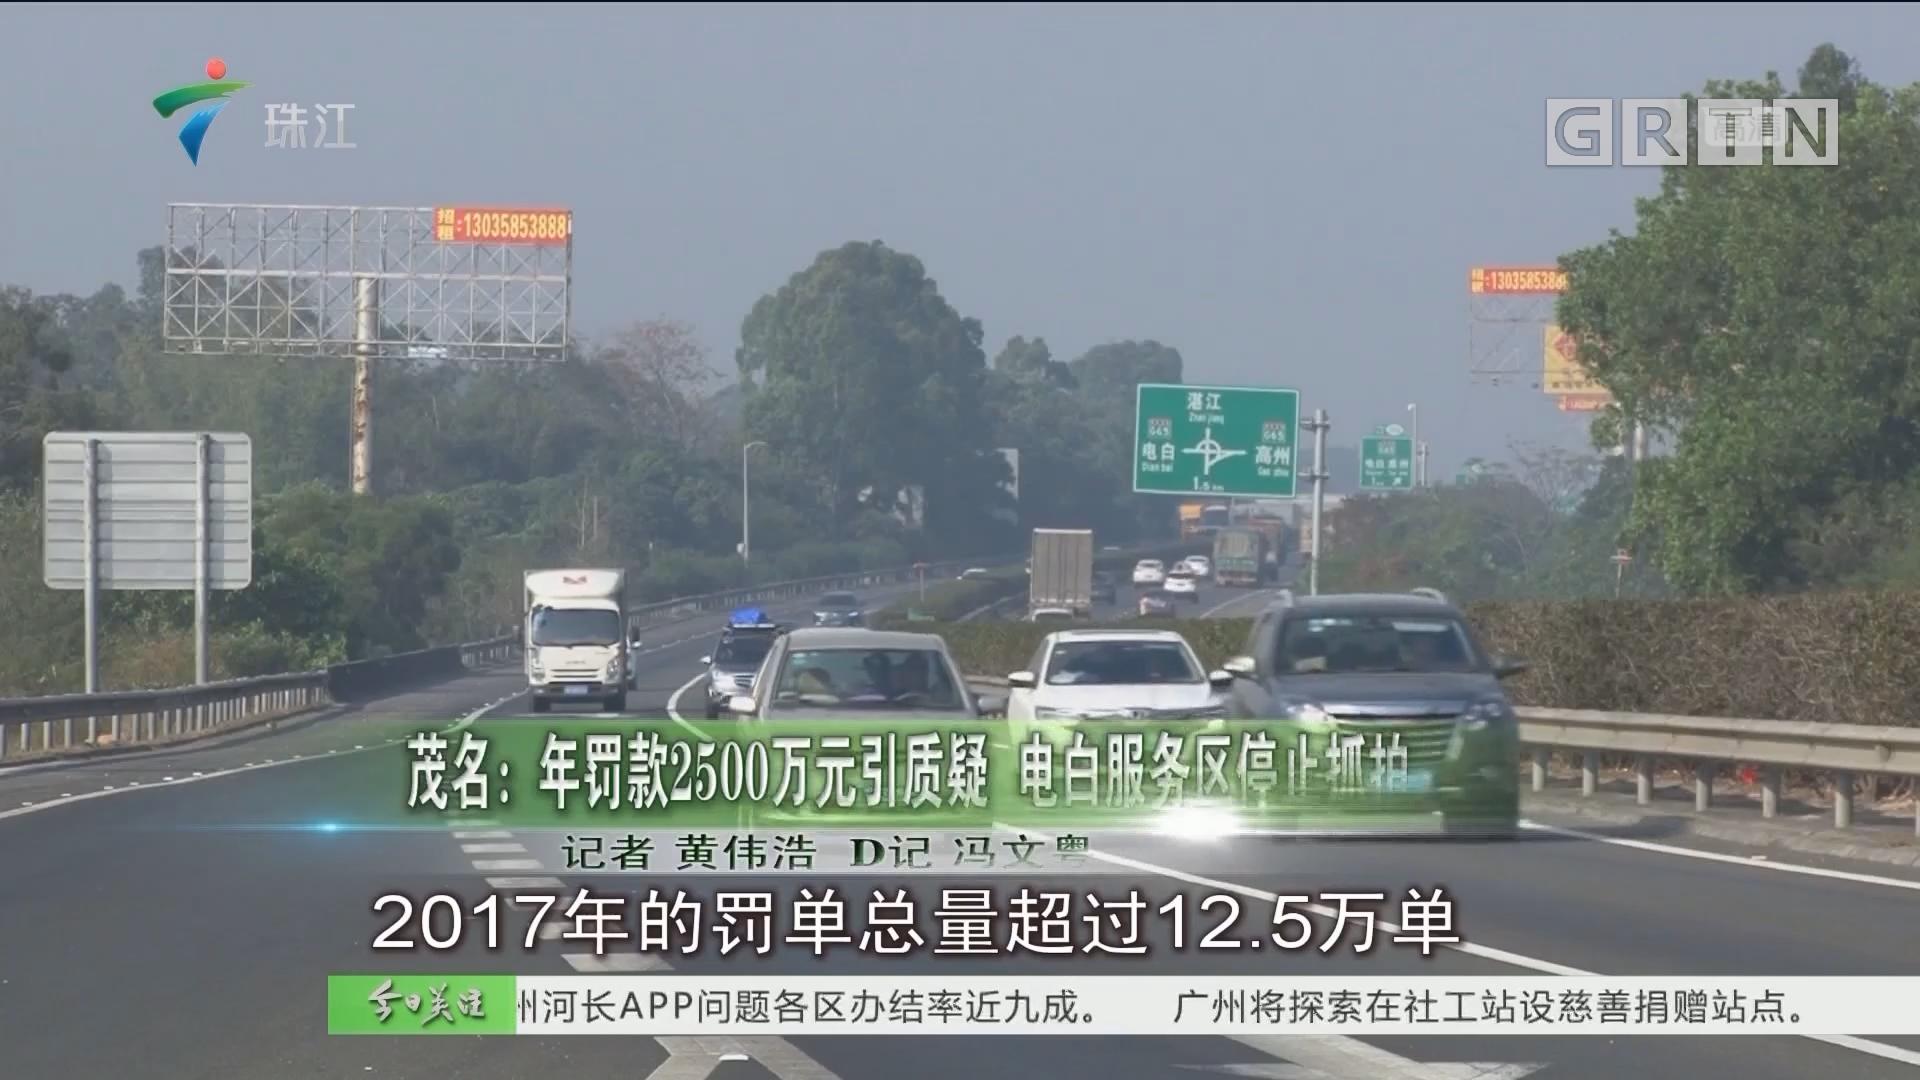 茂名:年罚款2500万元引质疑 电白服务区停止抓拍